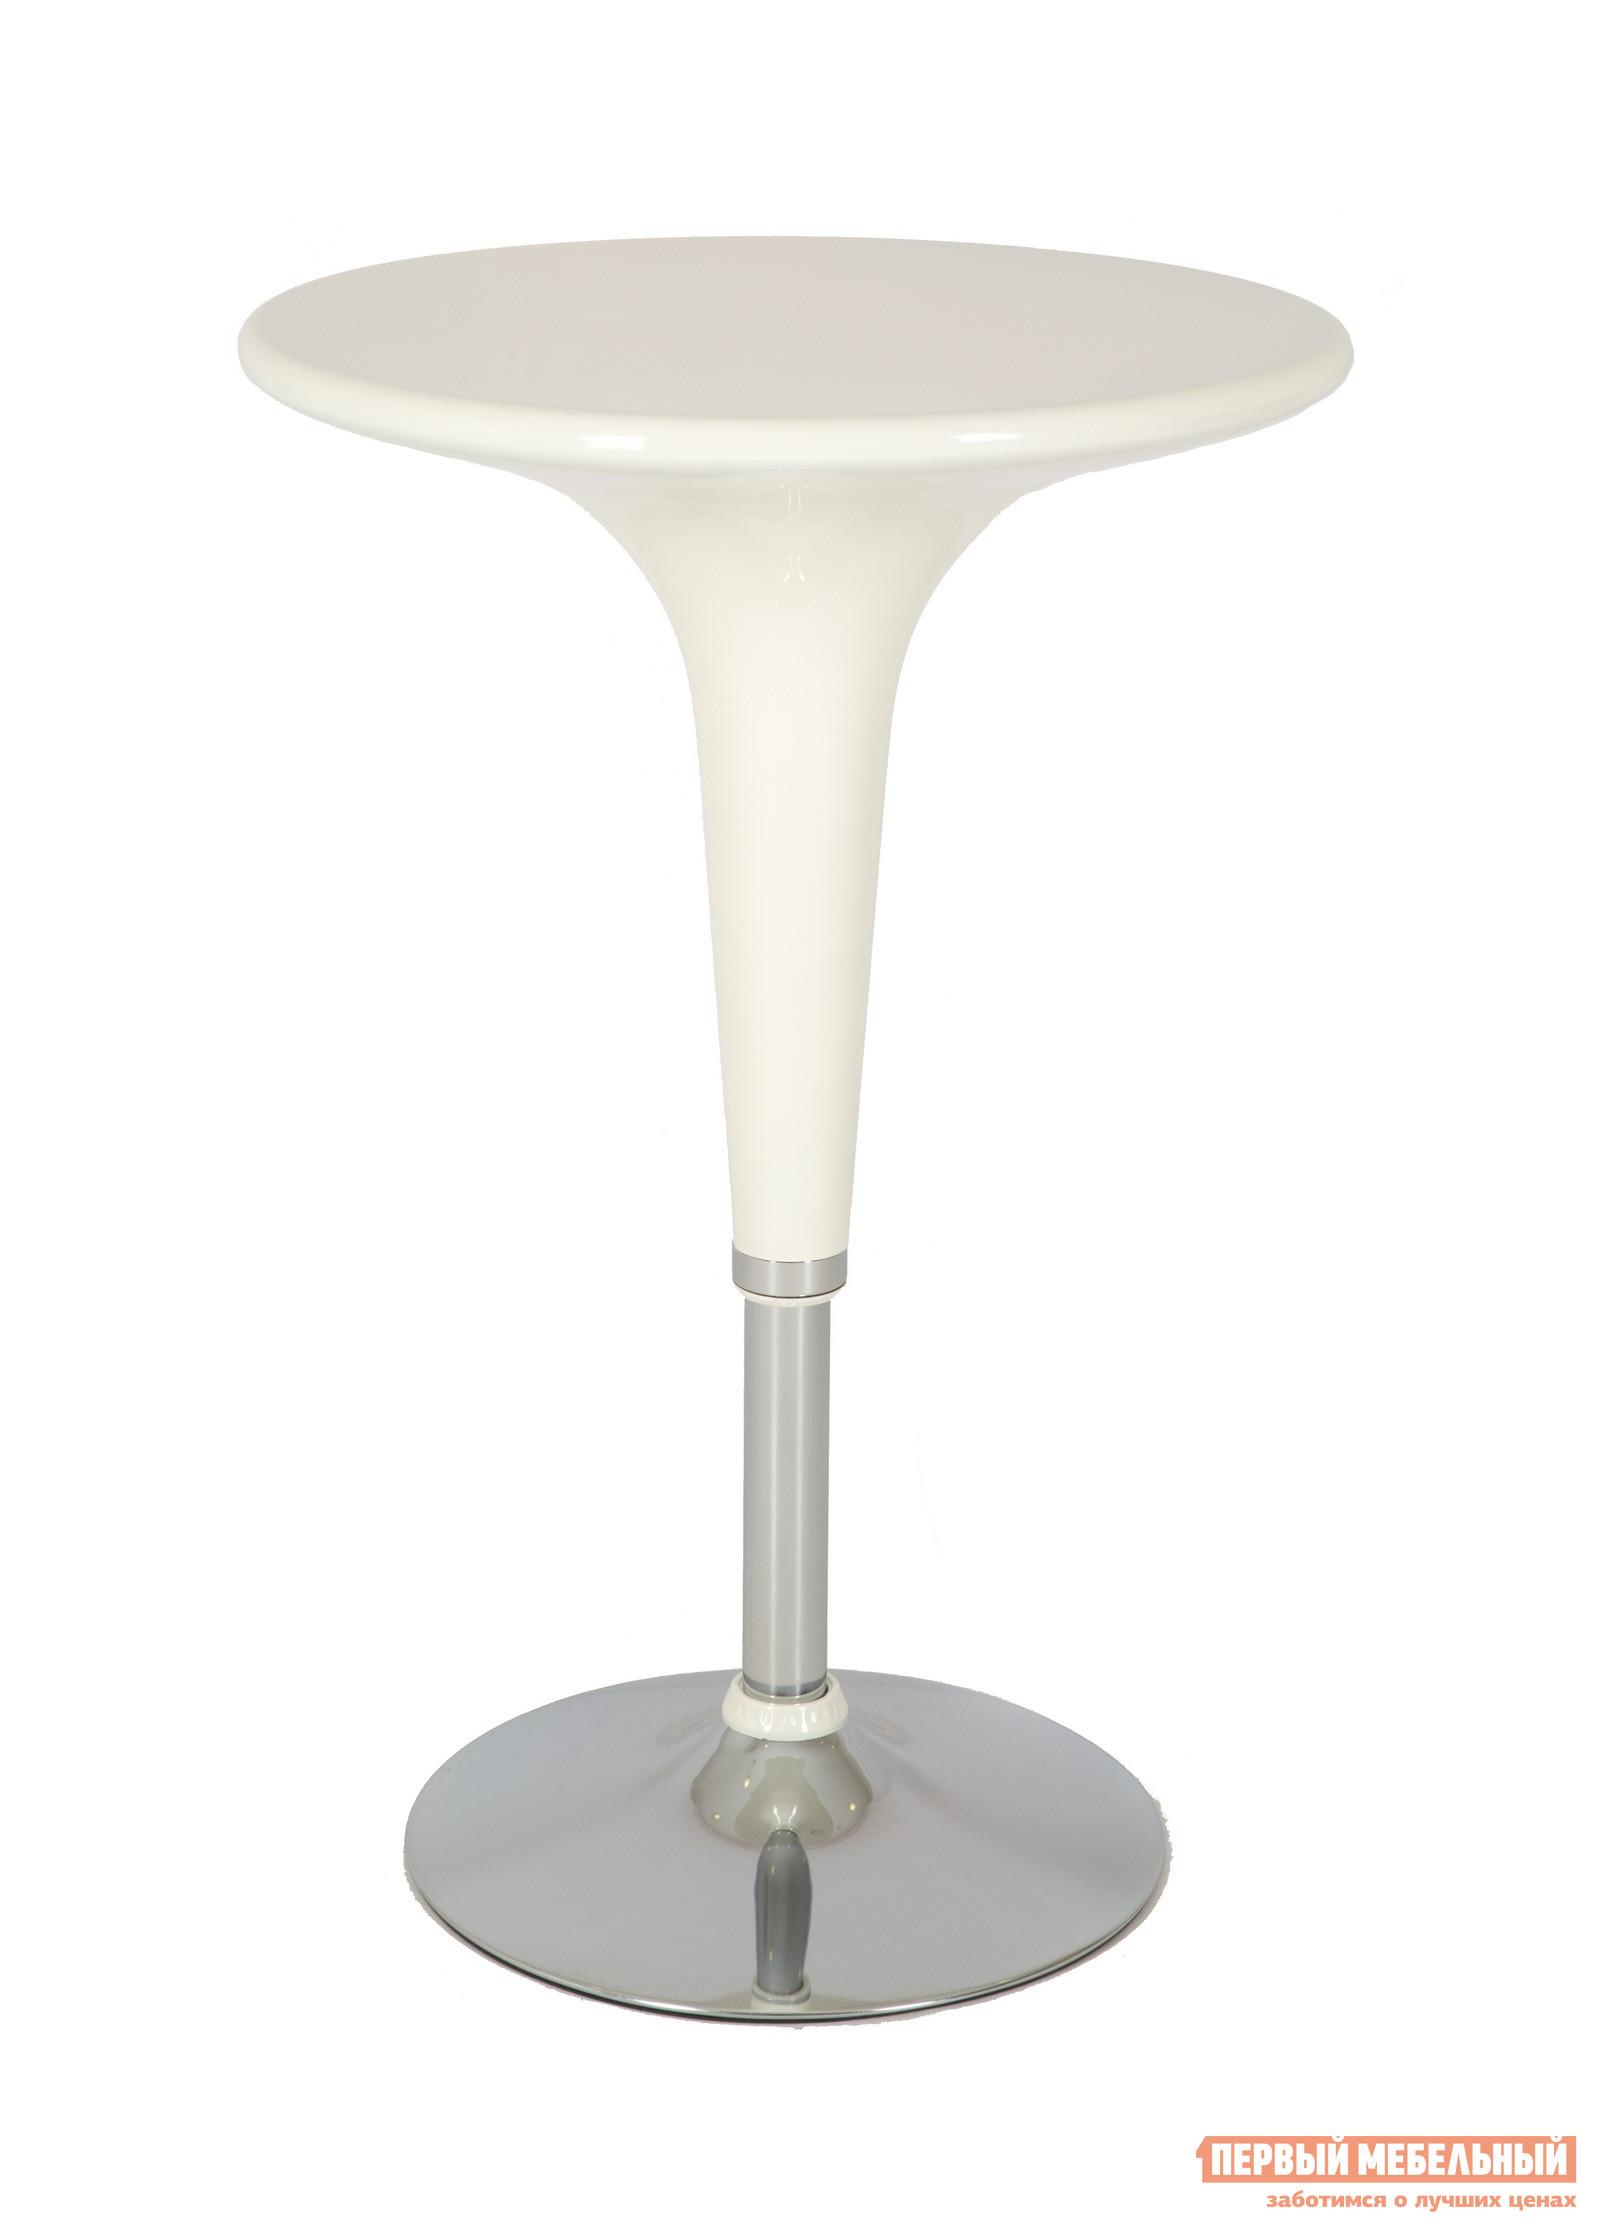 Барный стол Бентли Трейд A801 CREAM